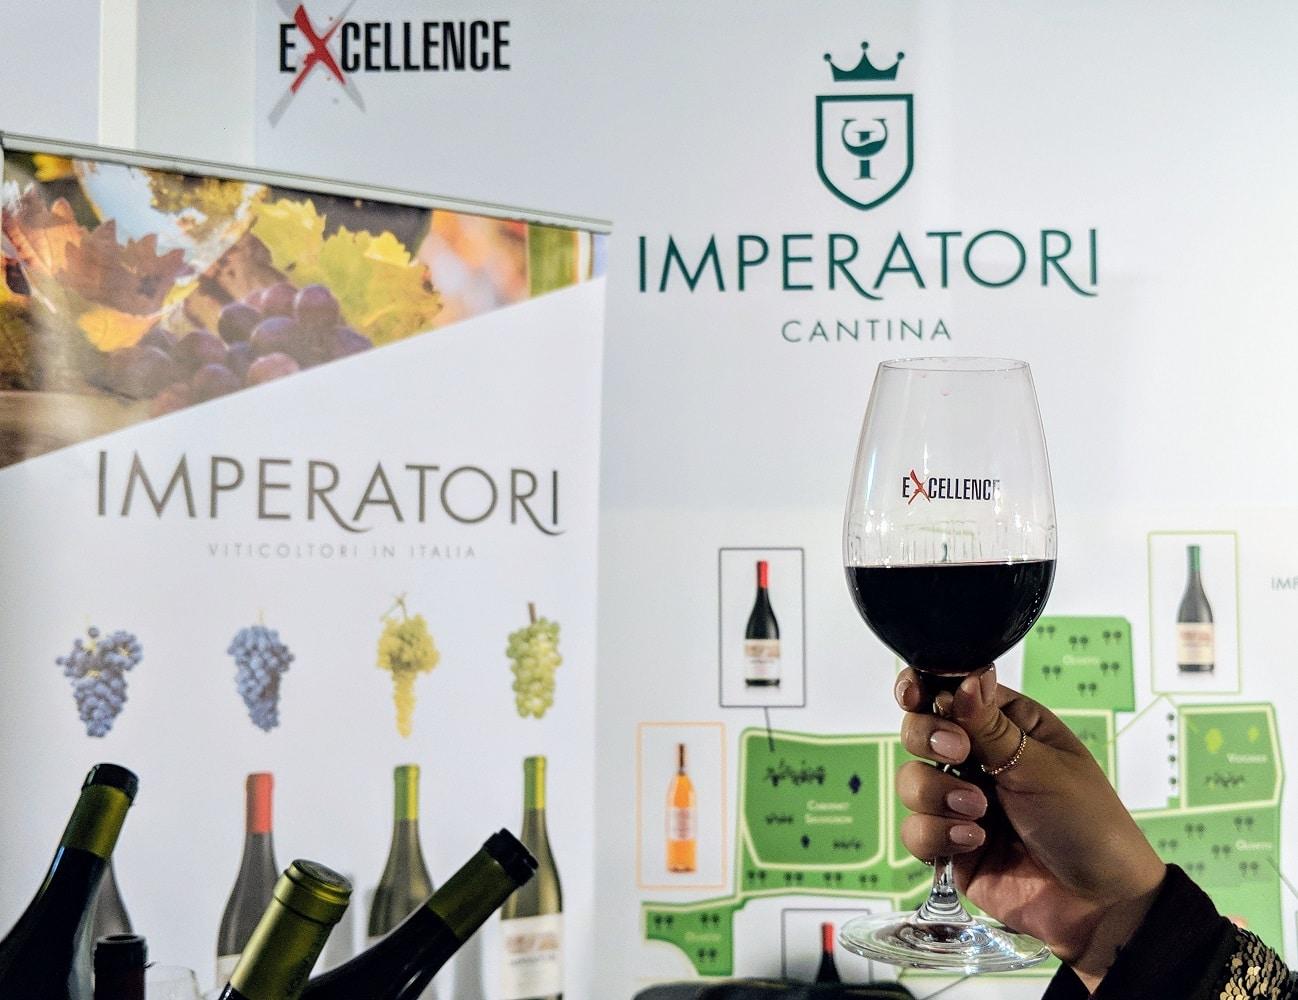 vini del Lazio Cantina Imperatori